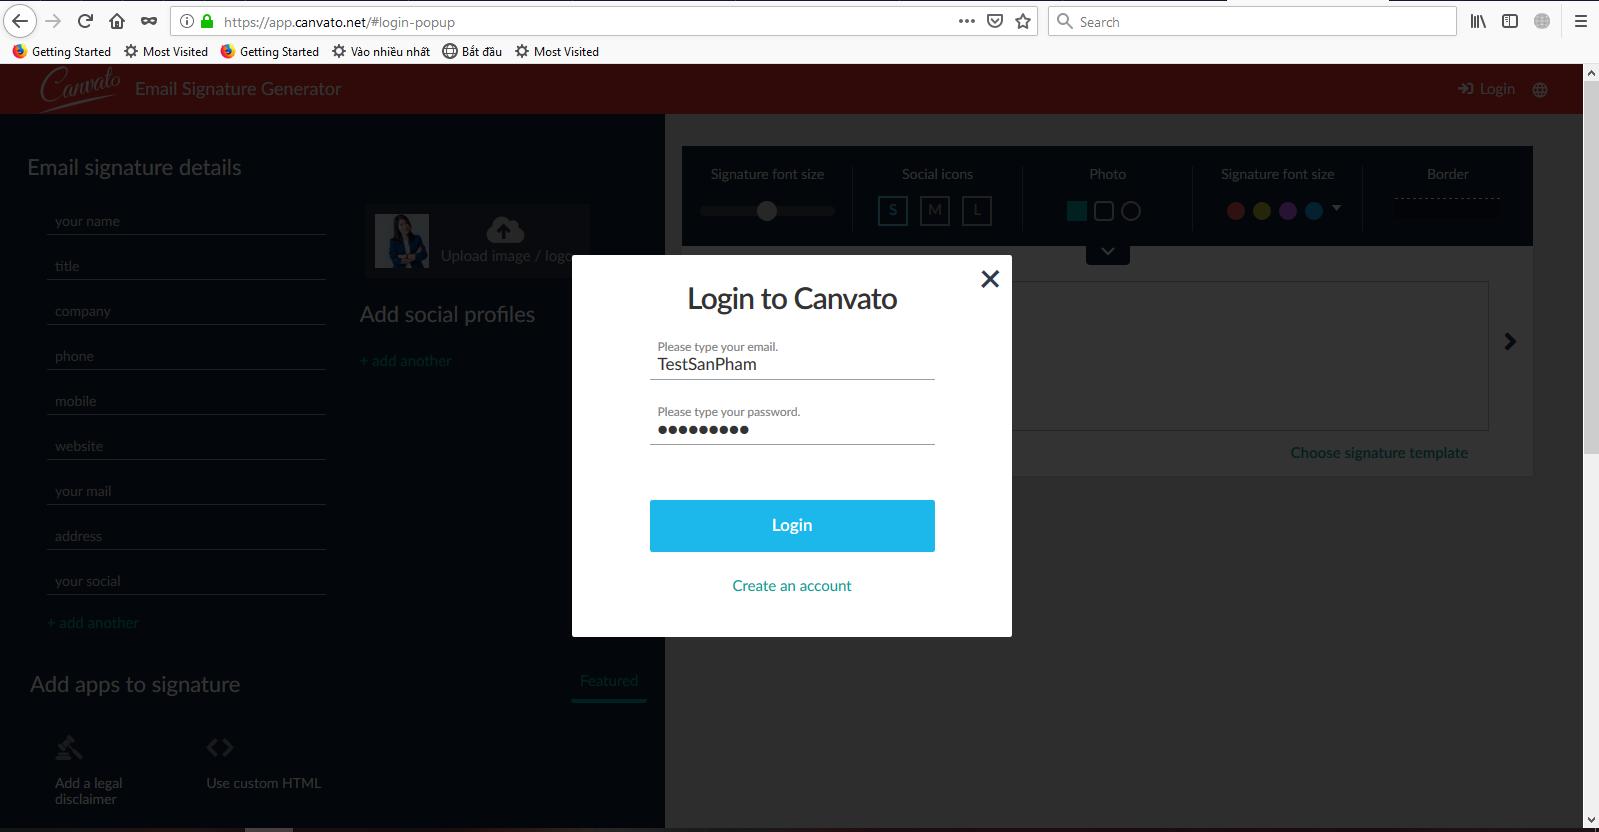 Đầu tiên để sử dụng dịch vụ này, bạn cần truy cập vào địa chỉ https://app.canvato.net/